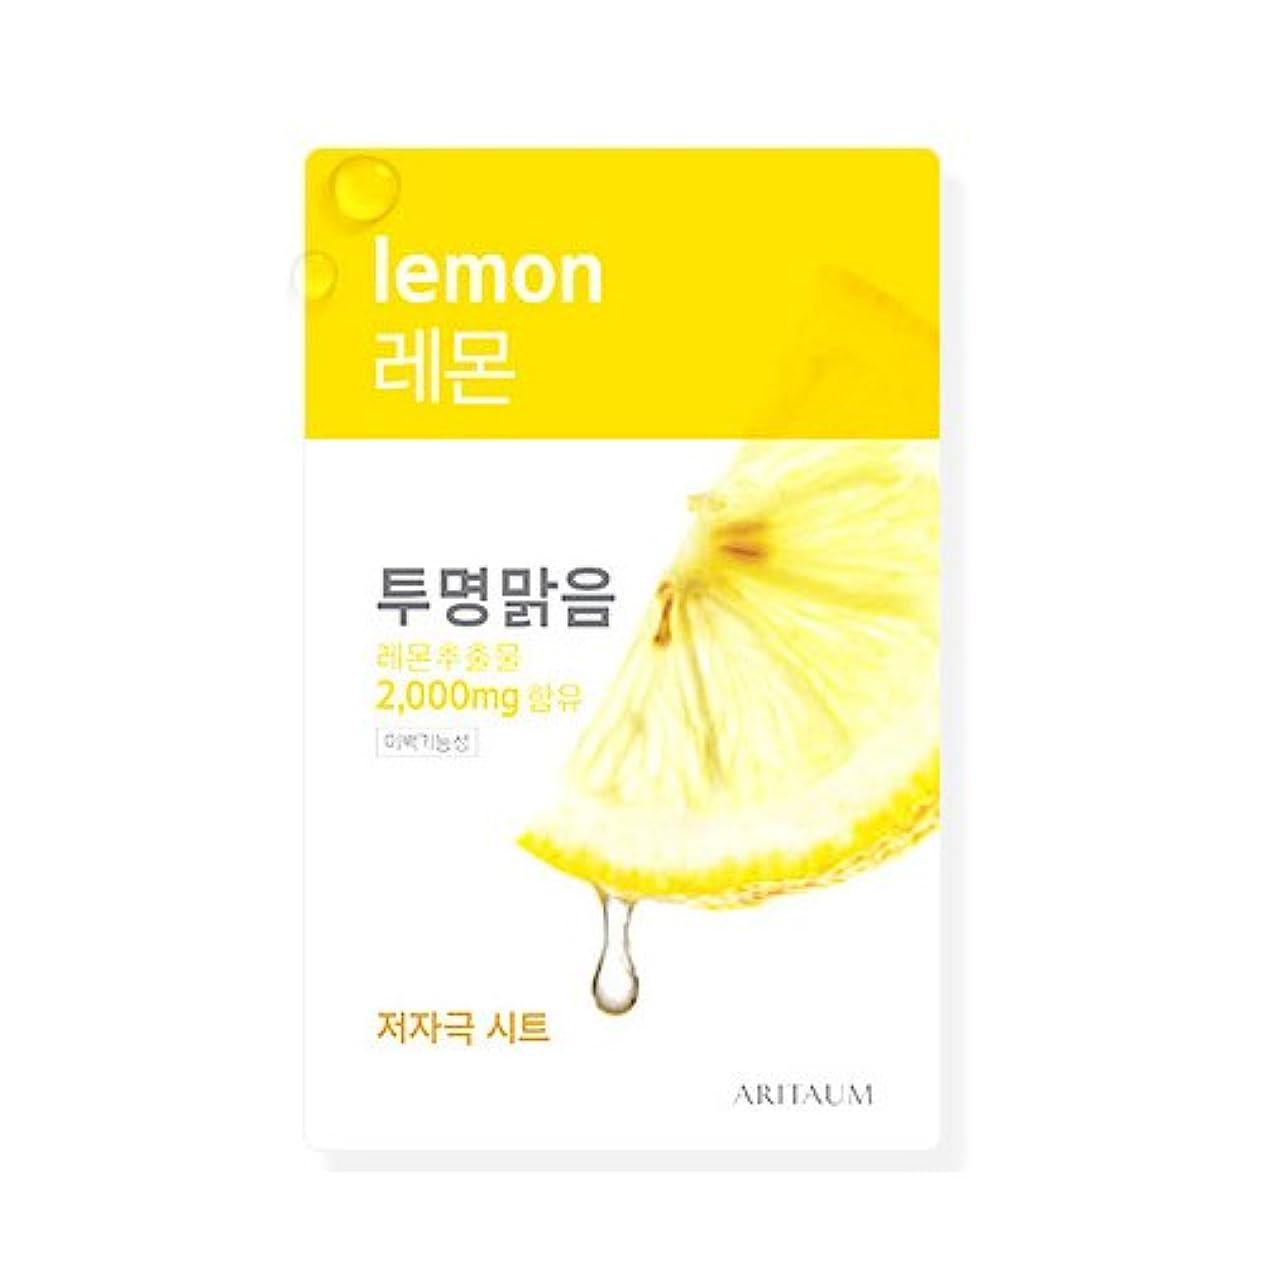 バラ色変えるカバレッジAritaum(アリタウム)フレッシュ エッセンス マスク(1回分×10枚セット)種類:レモン